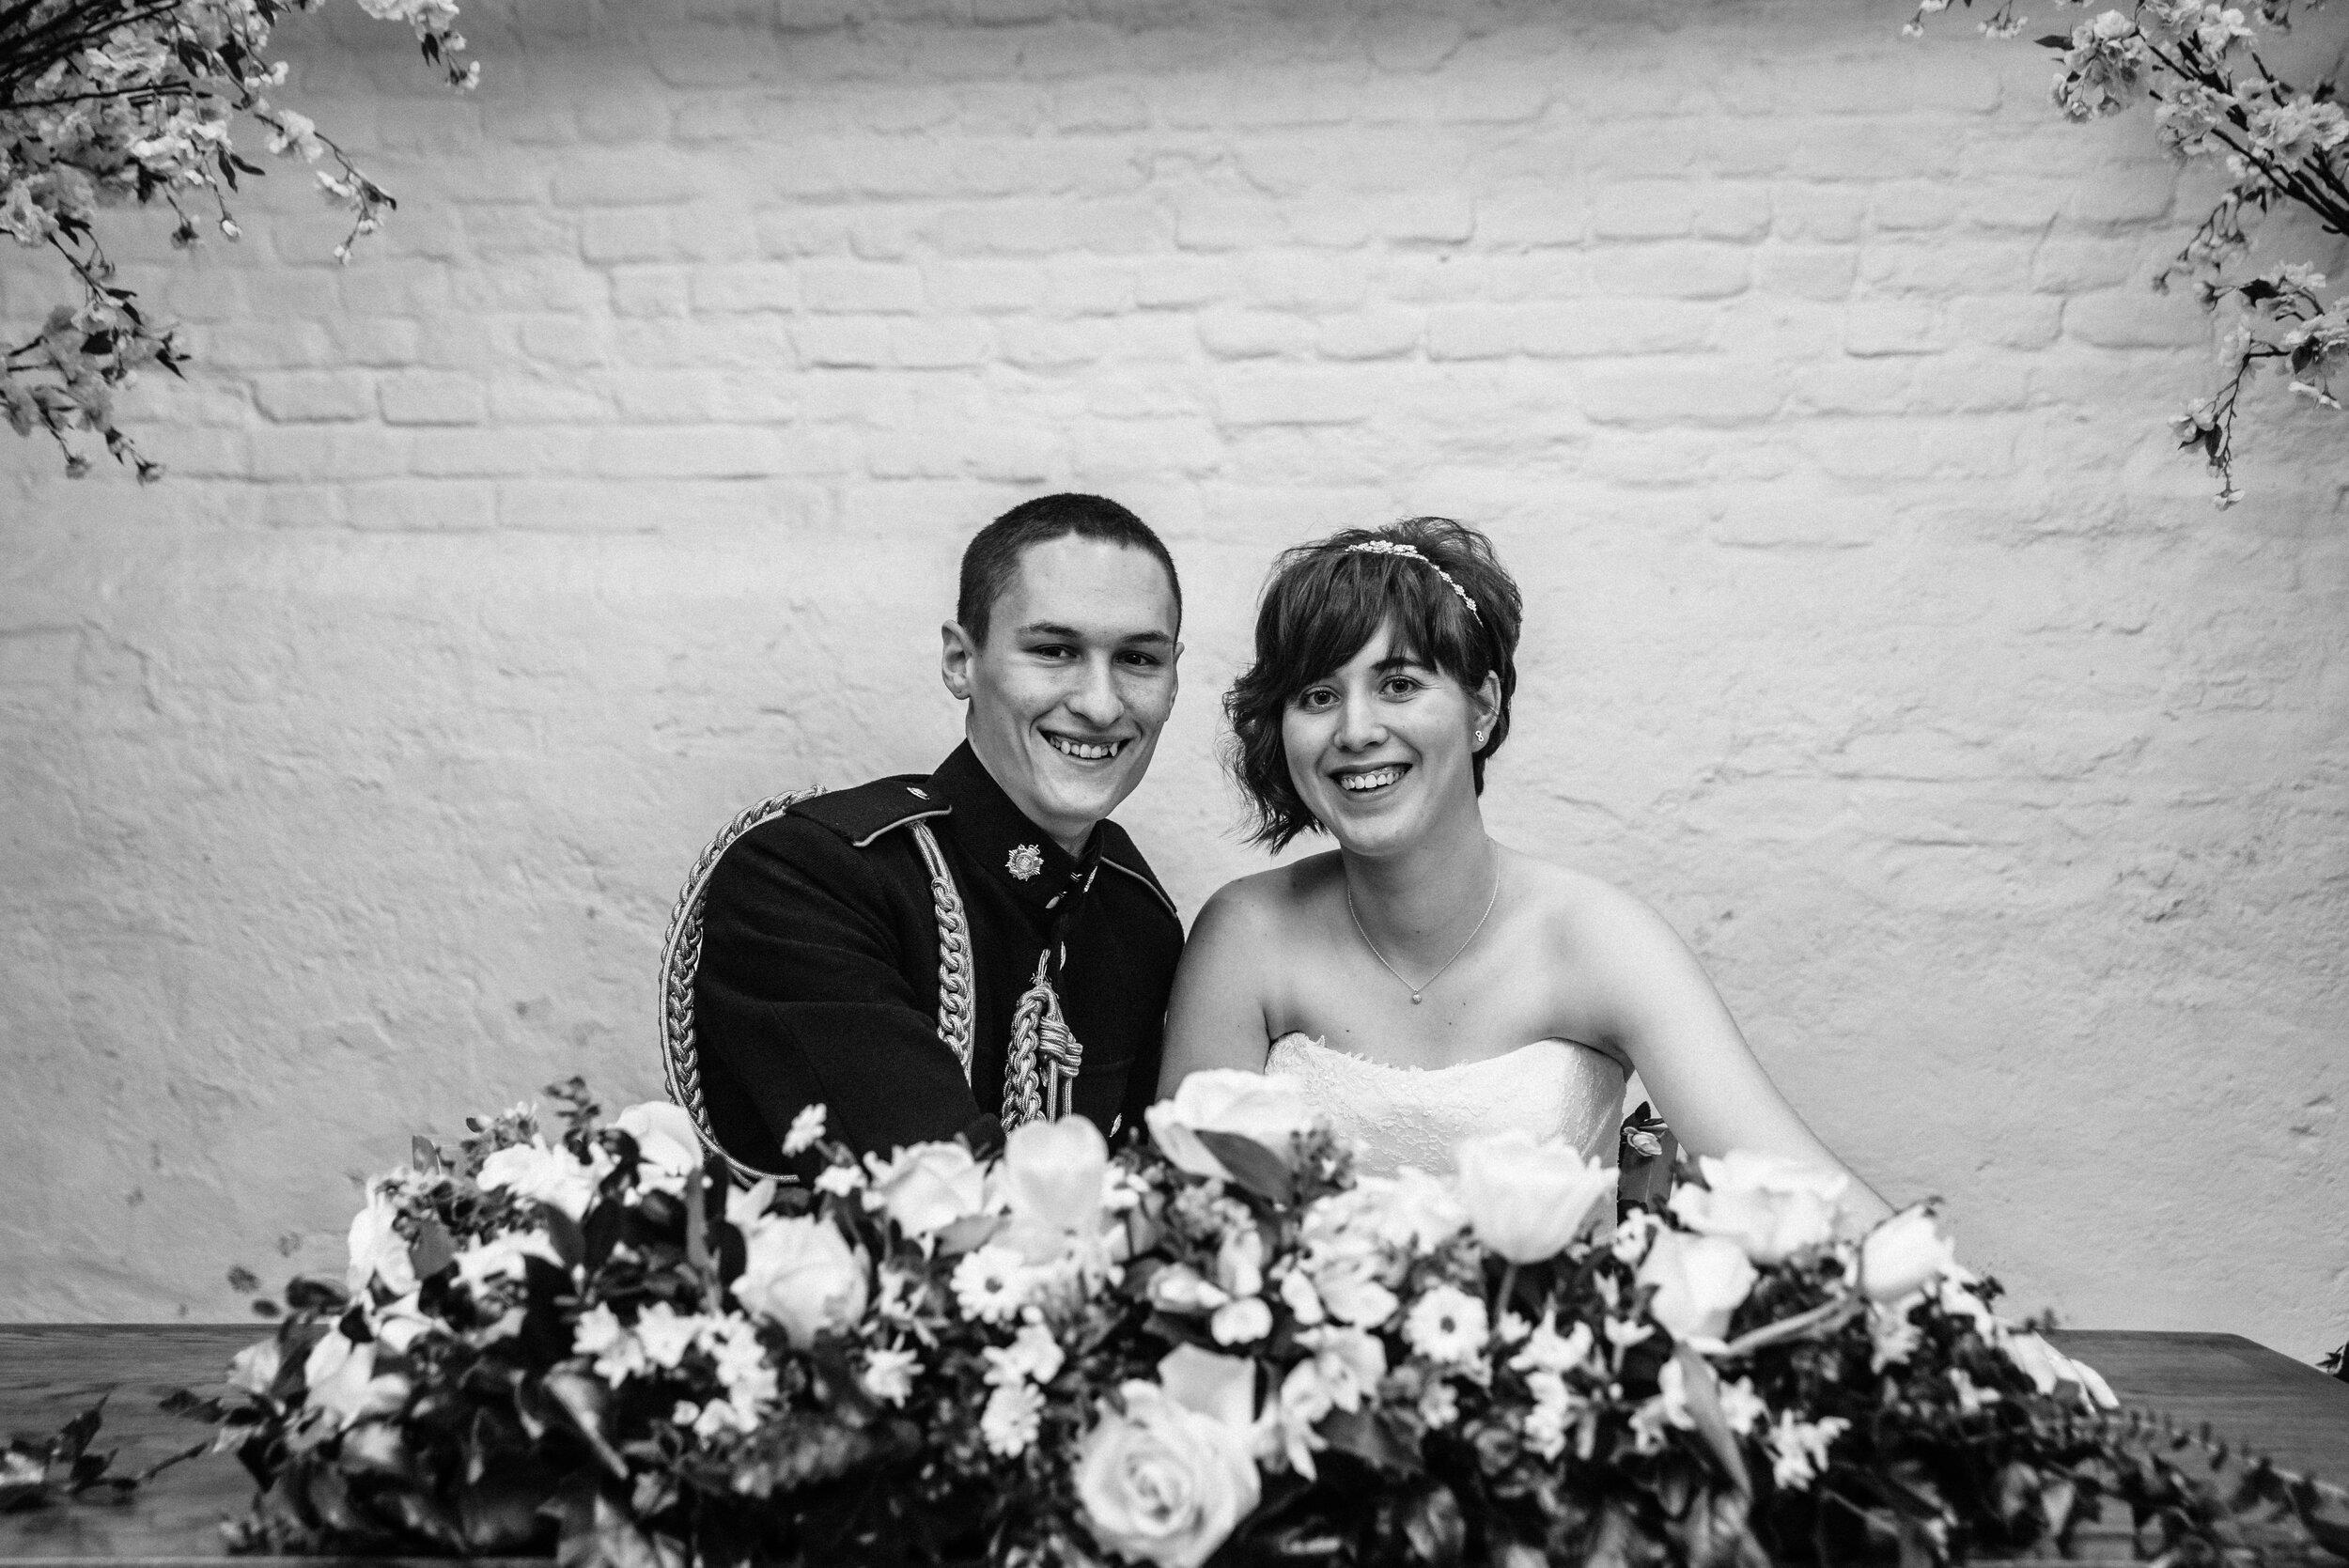 SUFFOLK_WEDDING_PHOTOGRAPHY_ISAACS_WEDDING_VENUE_WEDDINGPHOTOGRAPHERNEARME_iPSWICHWEDDINGPHOTOGRAPHER (46).jpg